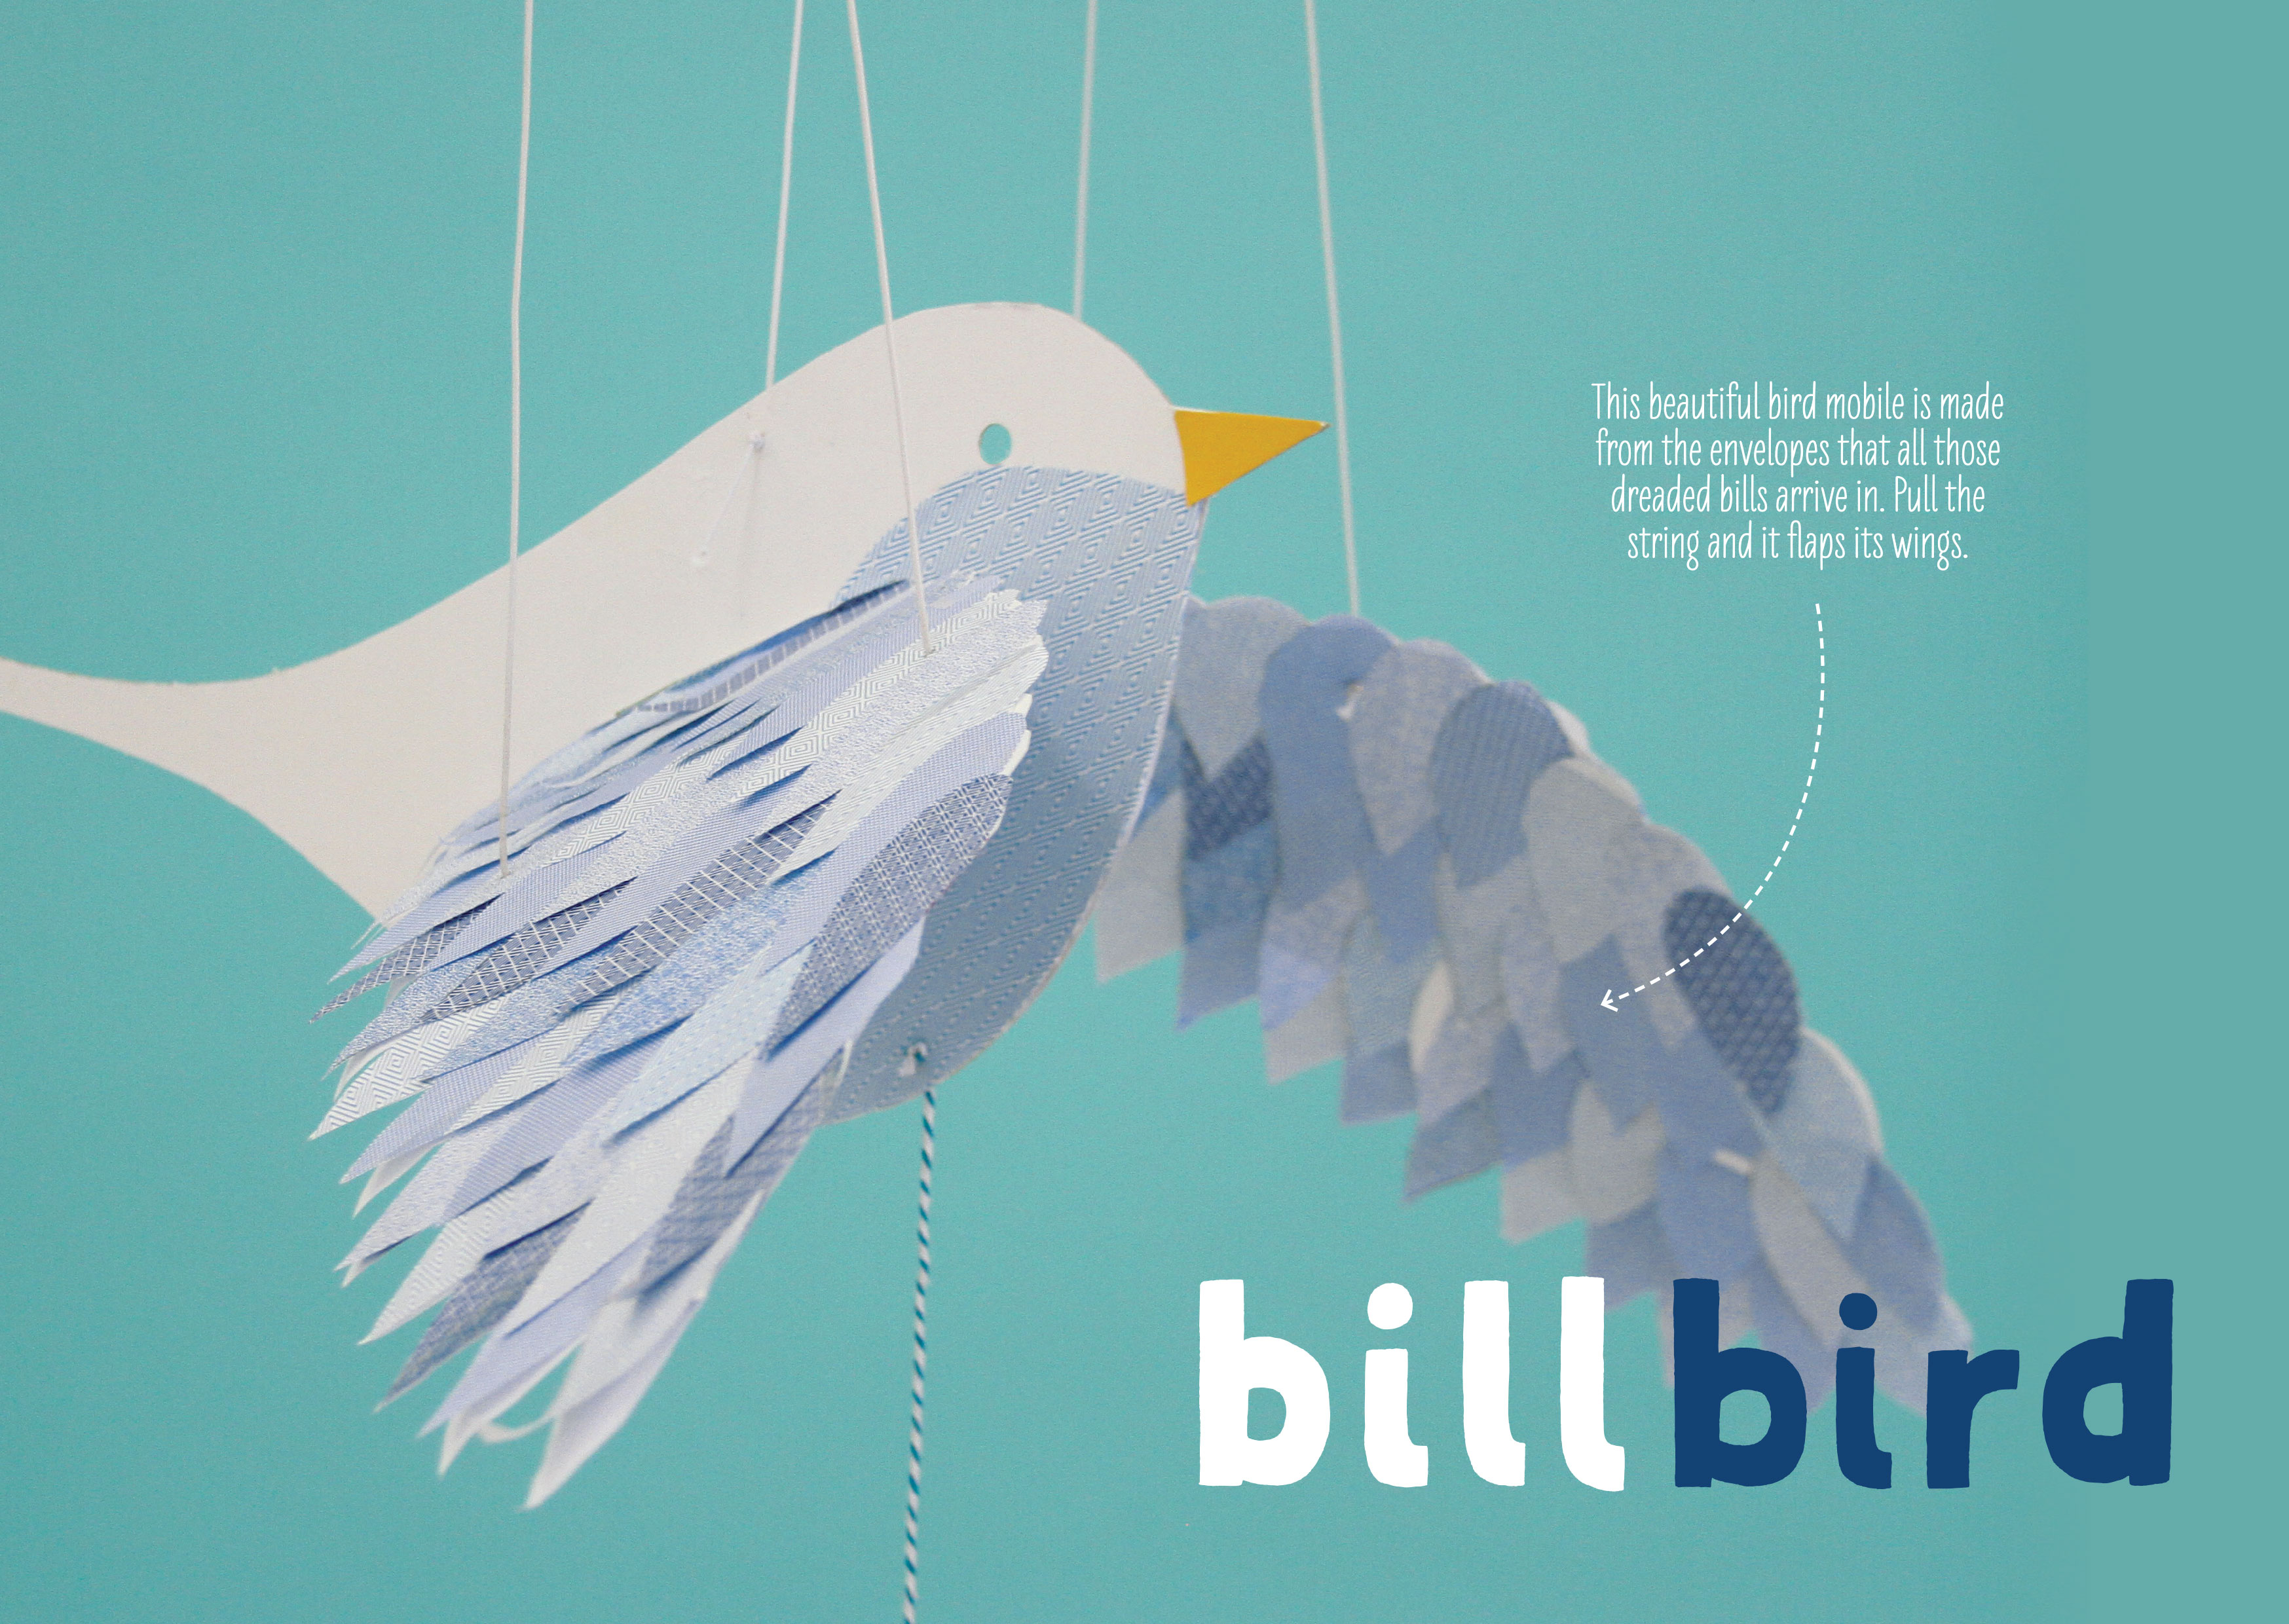 Lotta-bill-bird-1